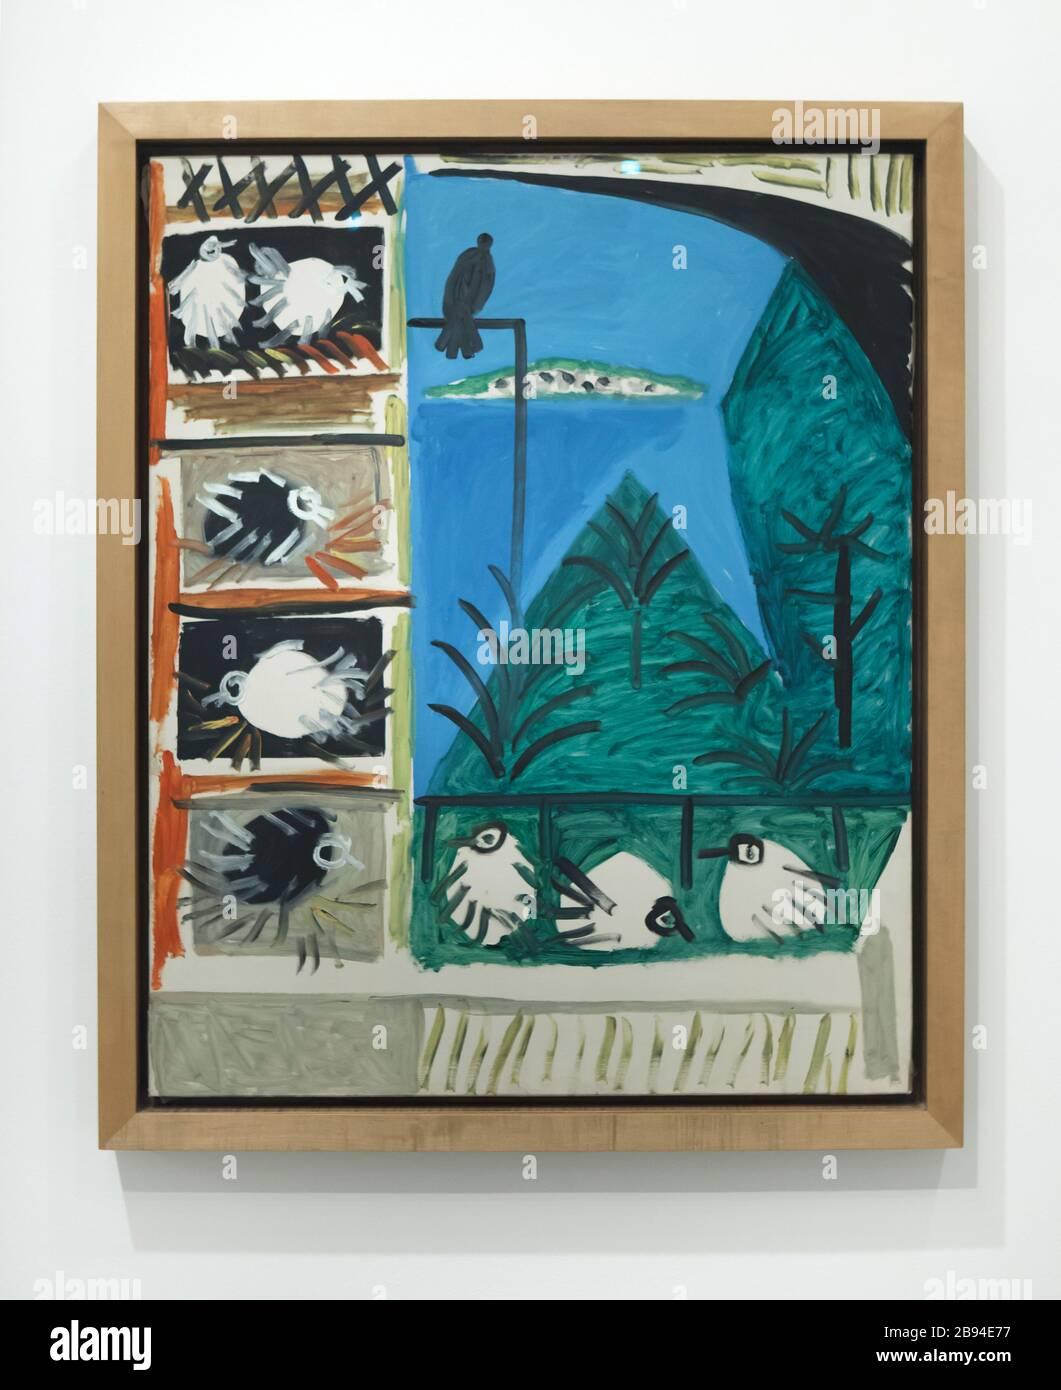 """Peinture """"les Pigeons"""" de Pablo Picasso peinte à Cannes (France) le 7 septembre 1957 sur exposition au Museuu Picasso (Musée Picasso) à Barcelone, Catalogne, Espagne. Banque D'Images"""